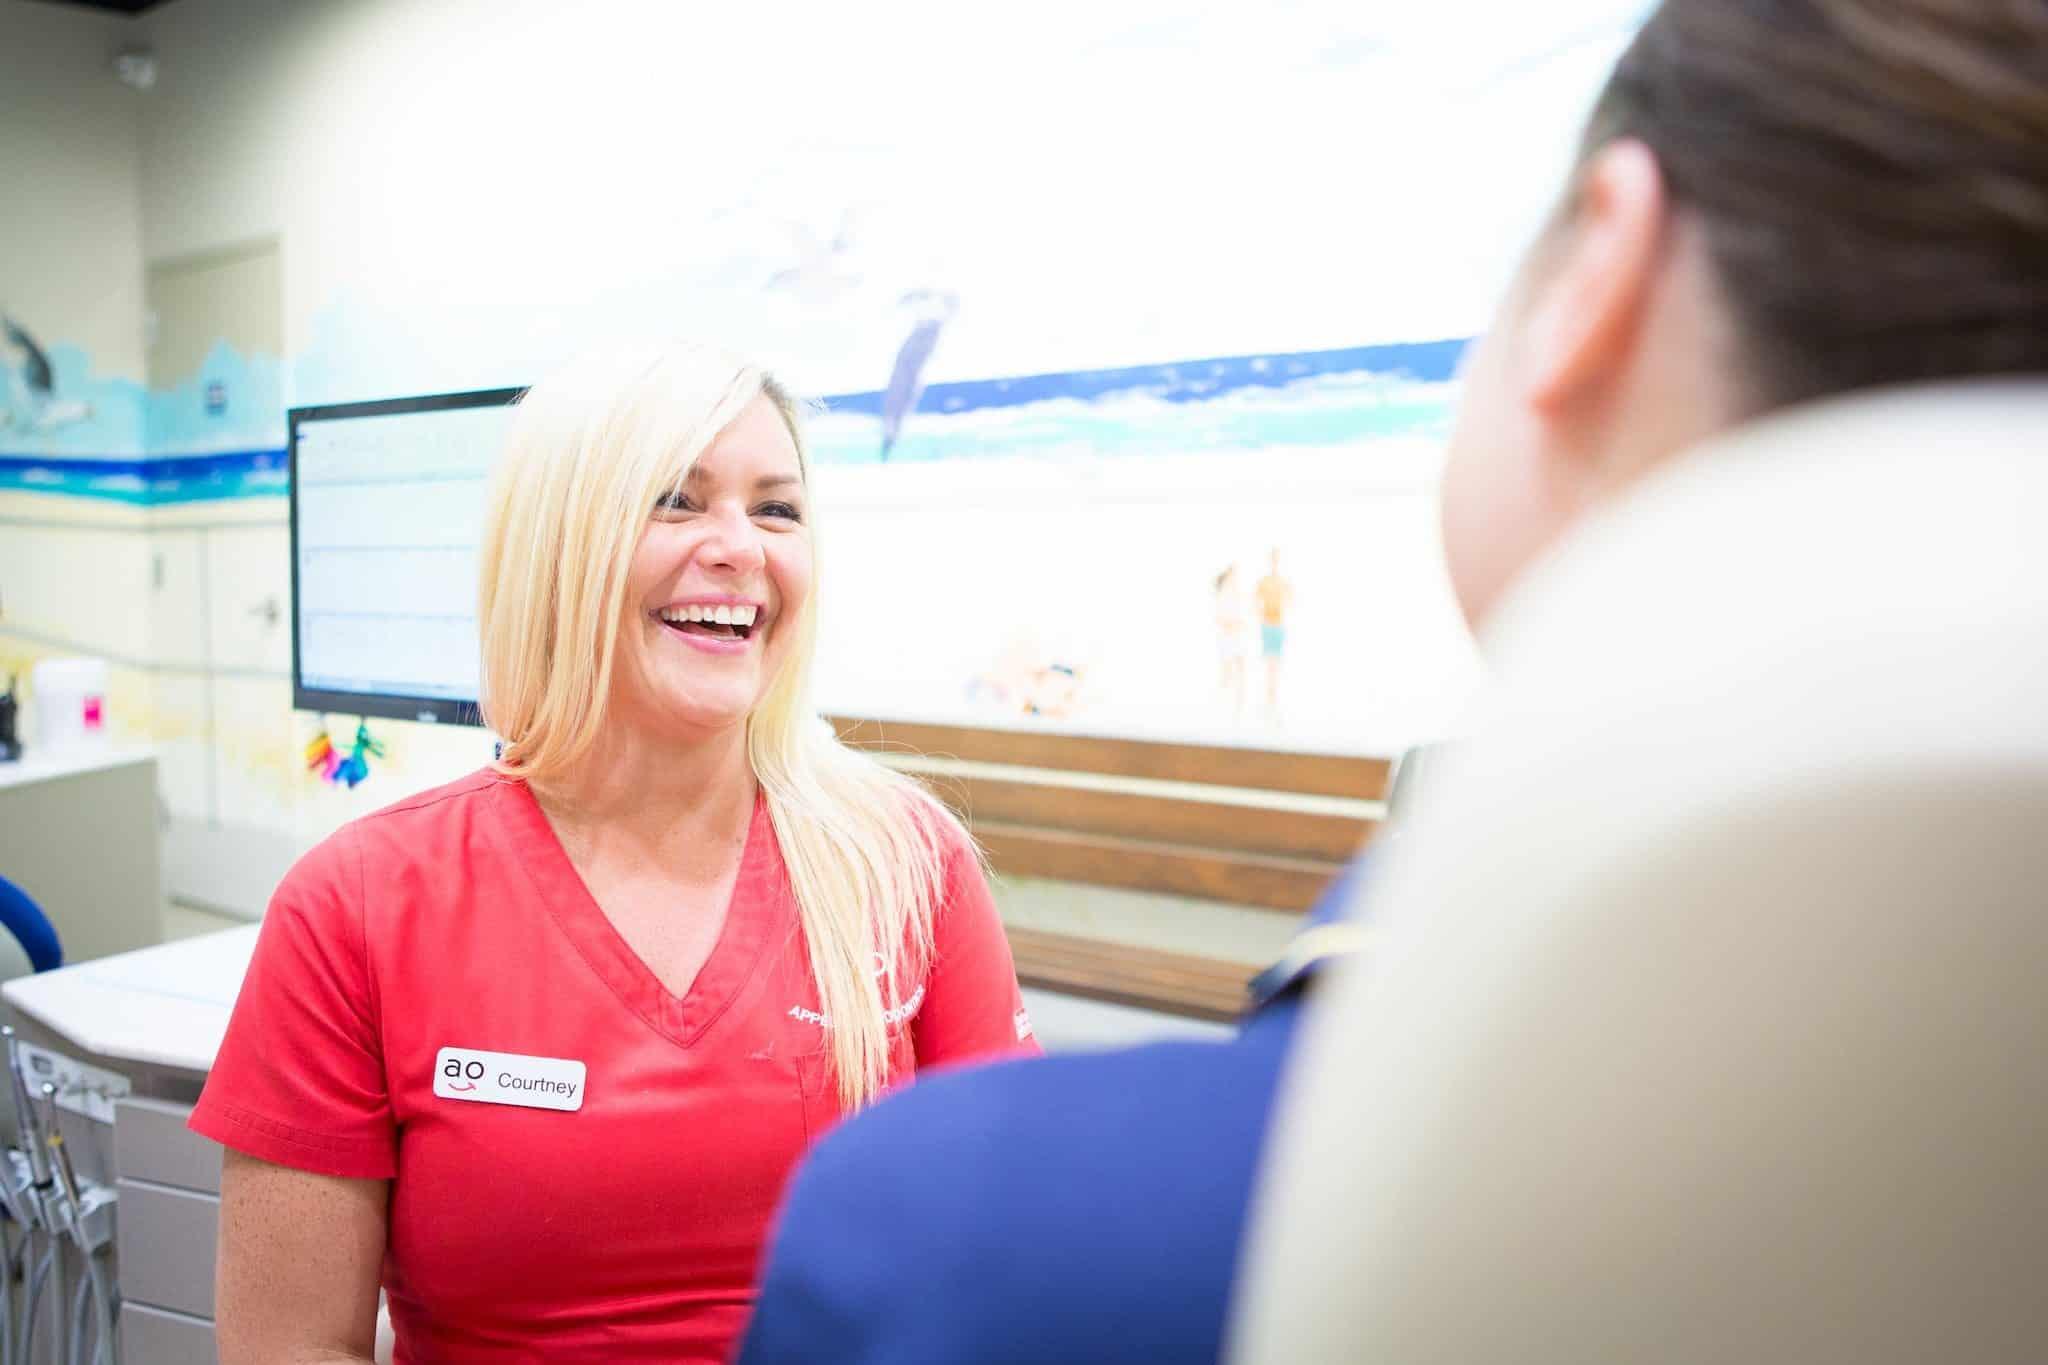 Appel Orthodontics Philadelphia Orthodontics Dr. Appel 57 of 82 2048x1365 - Happy Birthday, Courtney!